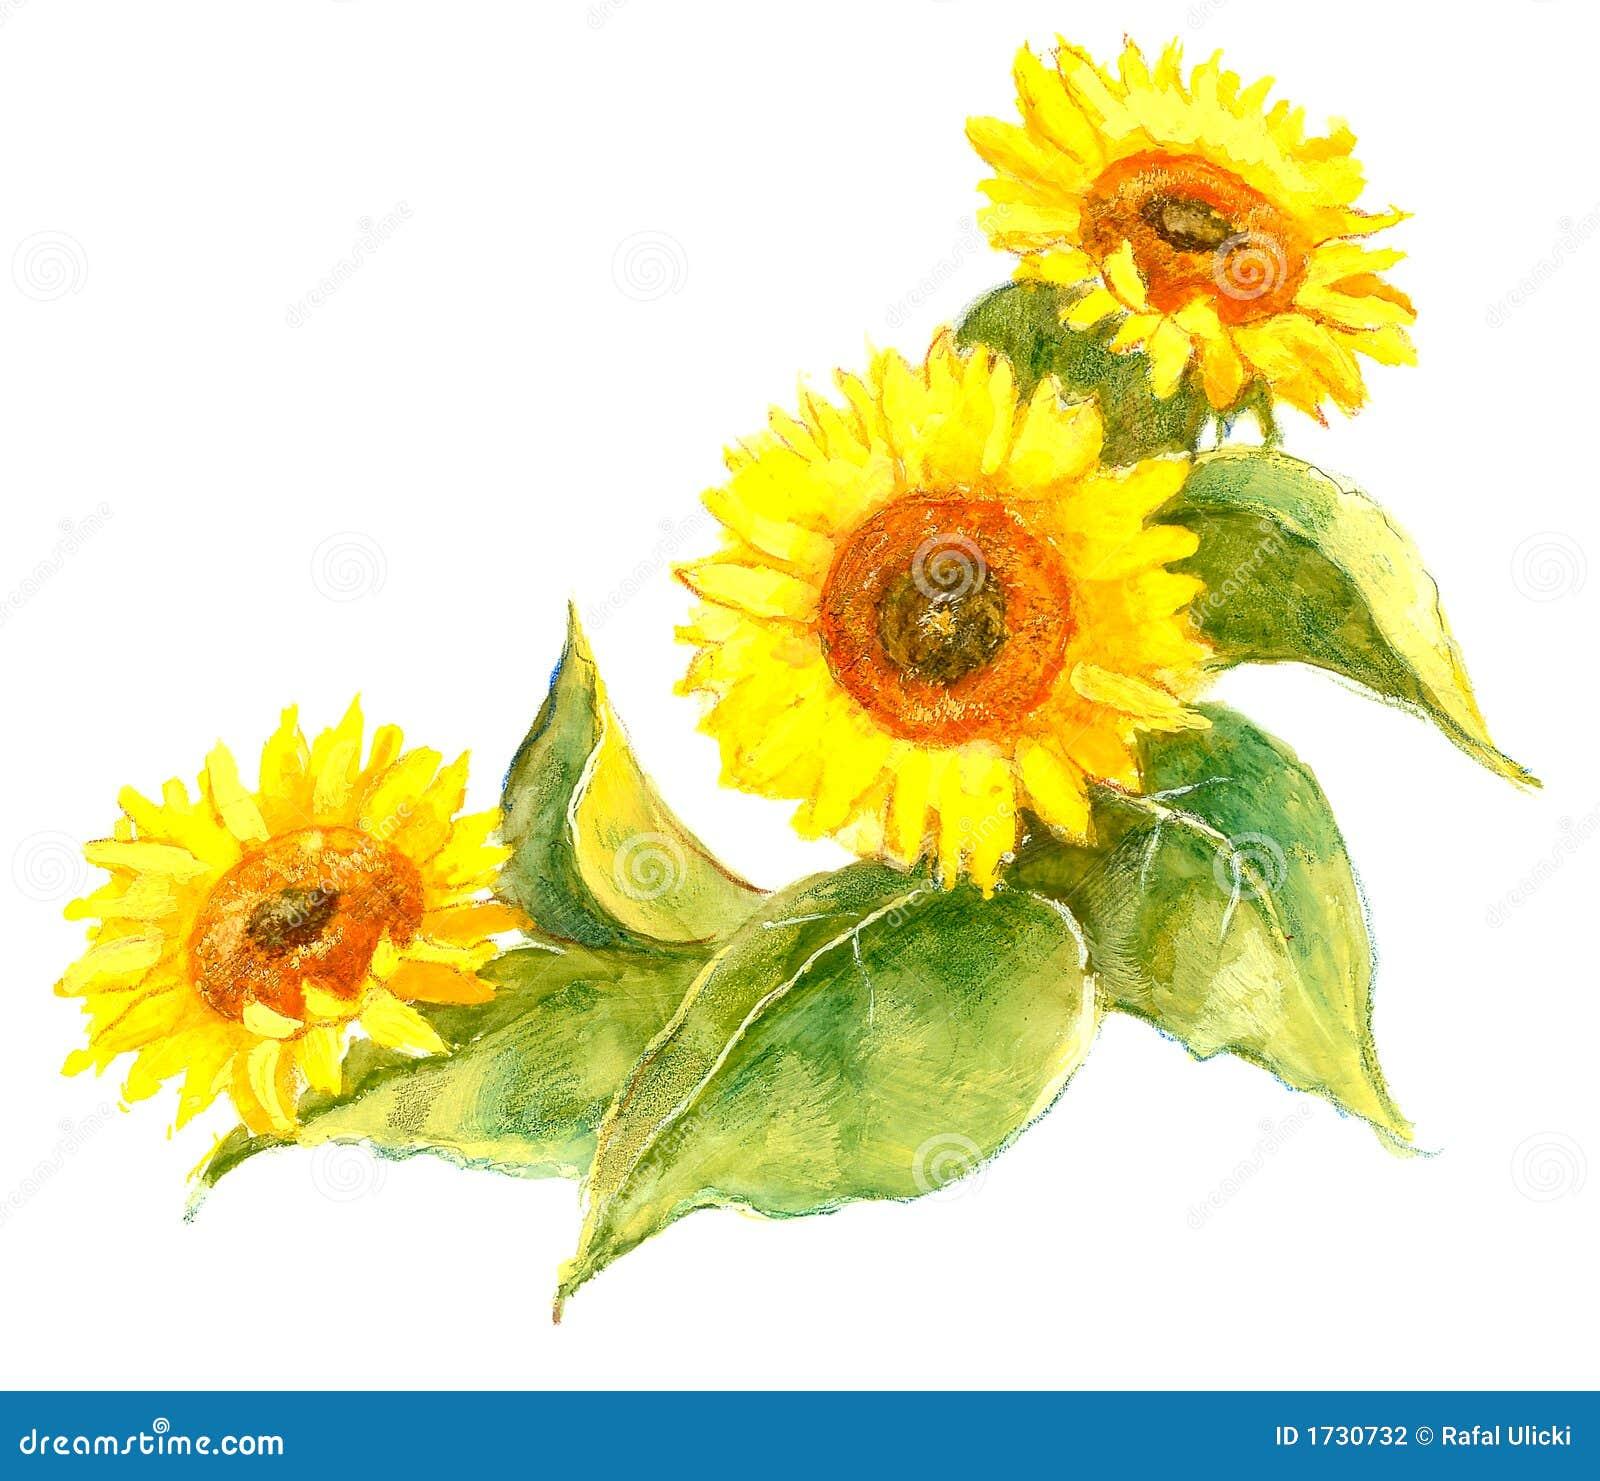 Sunflower Illustration Stock Photography - Image: 1730732